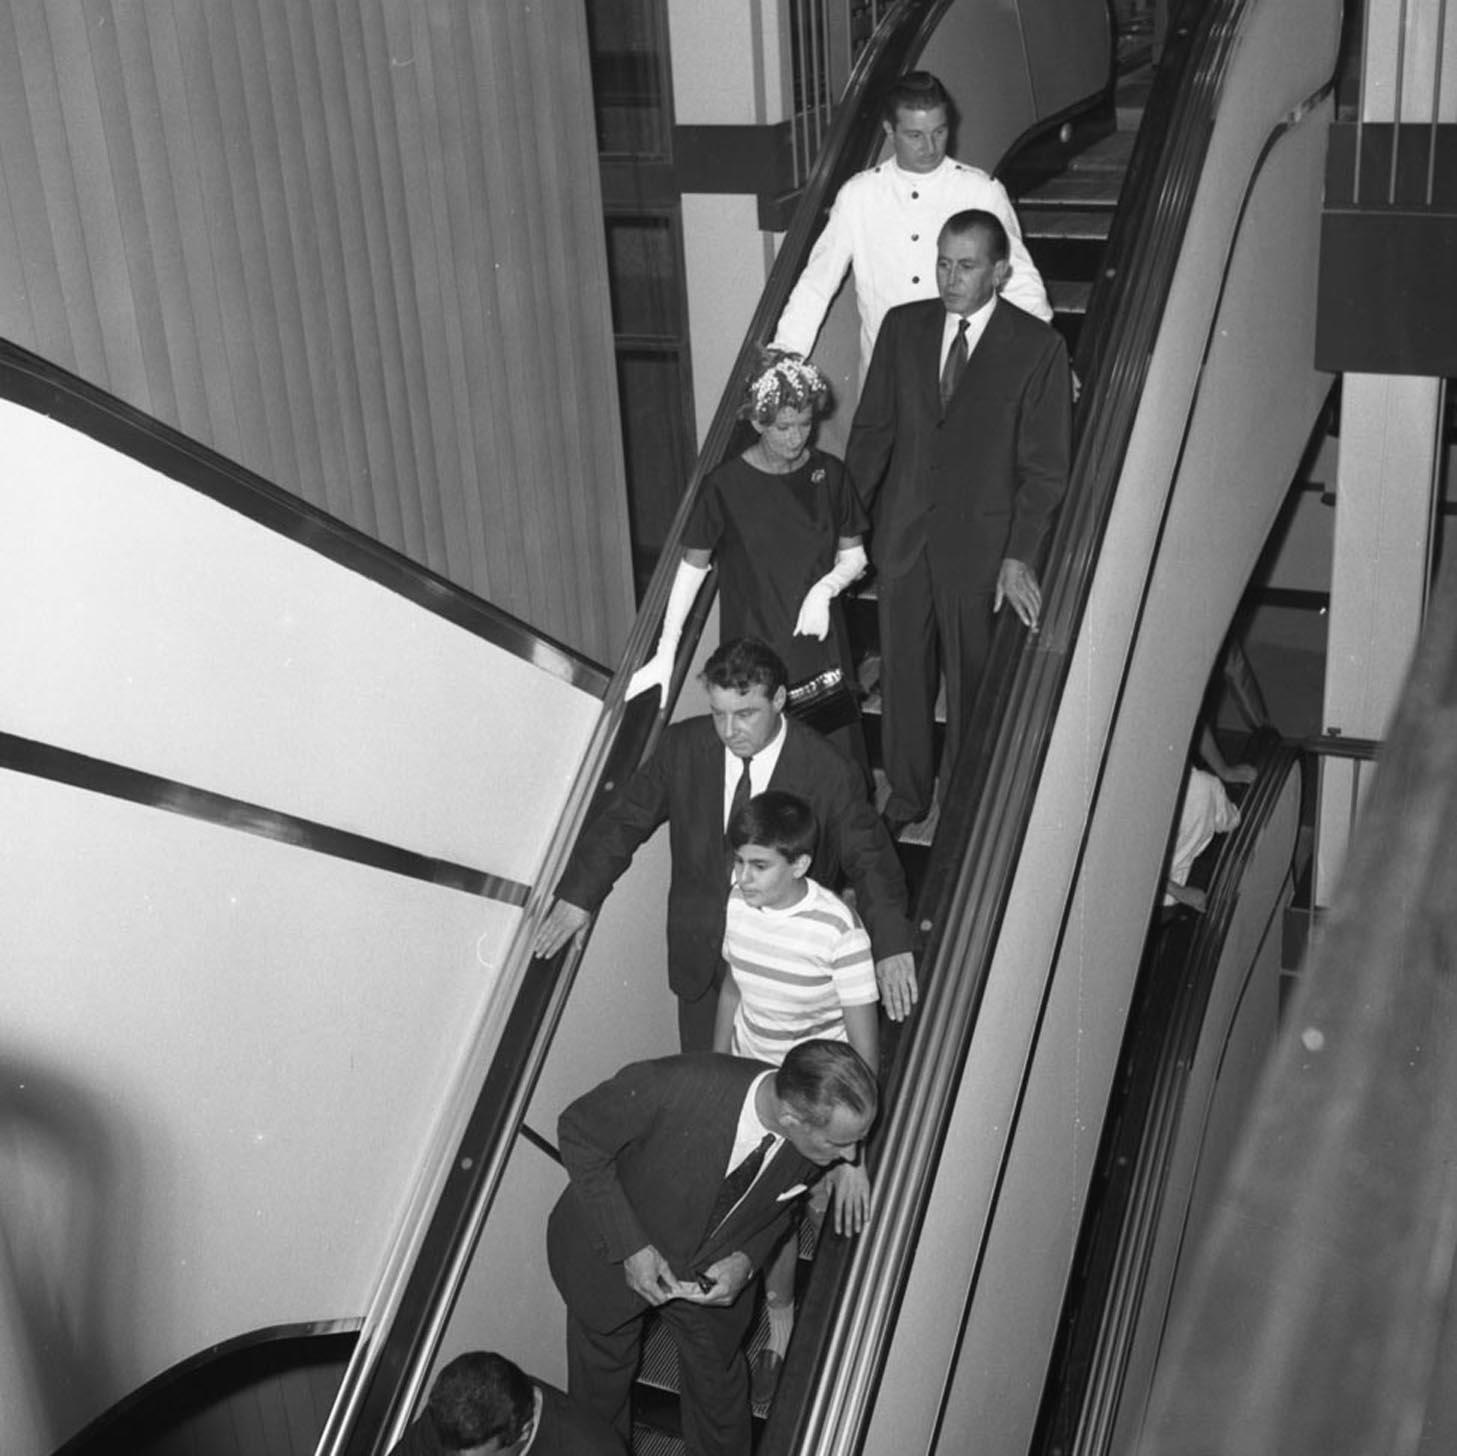 05 publifoto roma la rinascente inaugurazione della sede for Inaugurazione rinascente roma